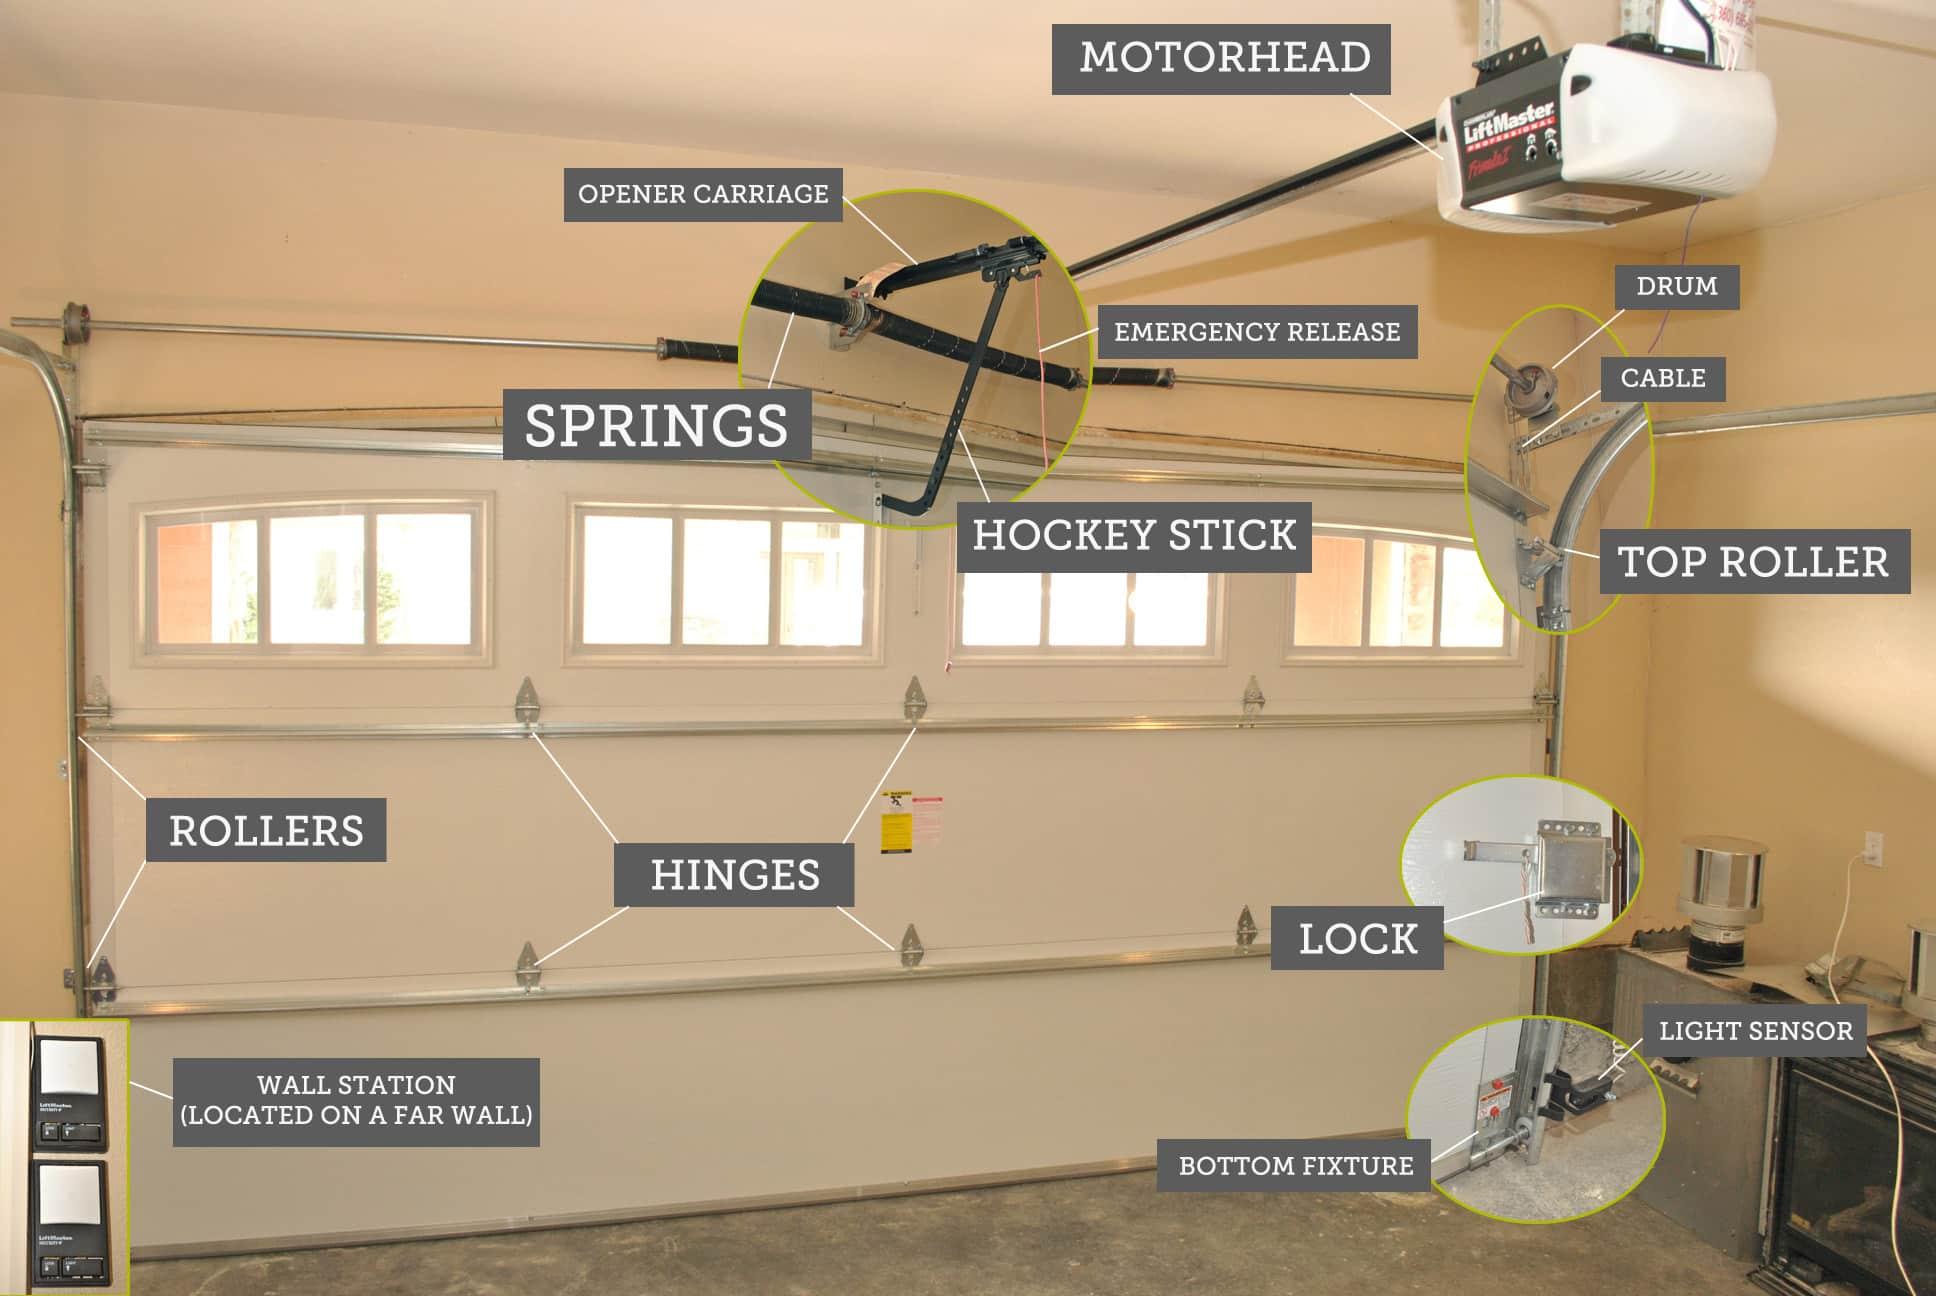 How To Troubleshoot Garage Door Problems